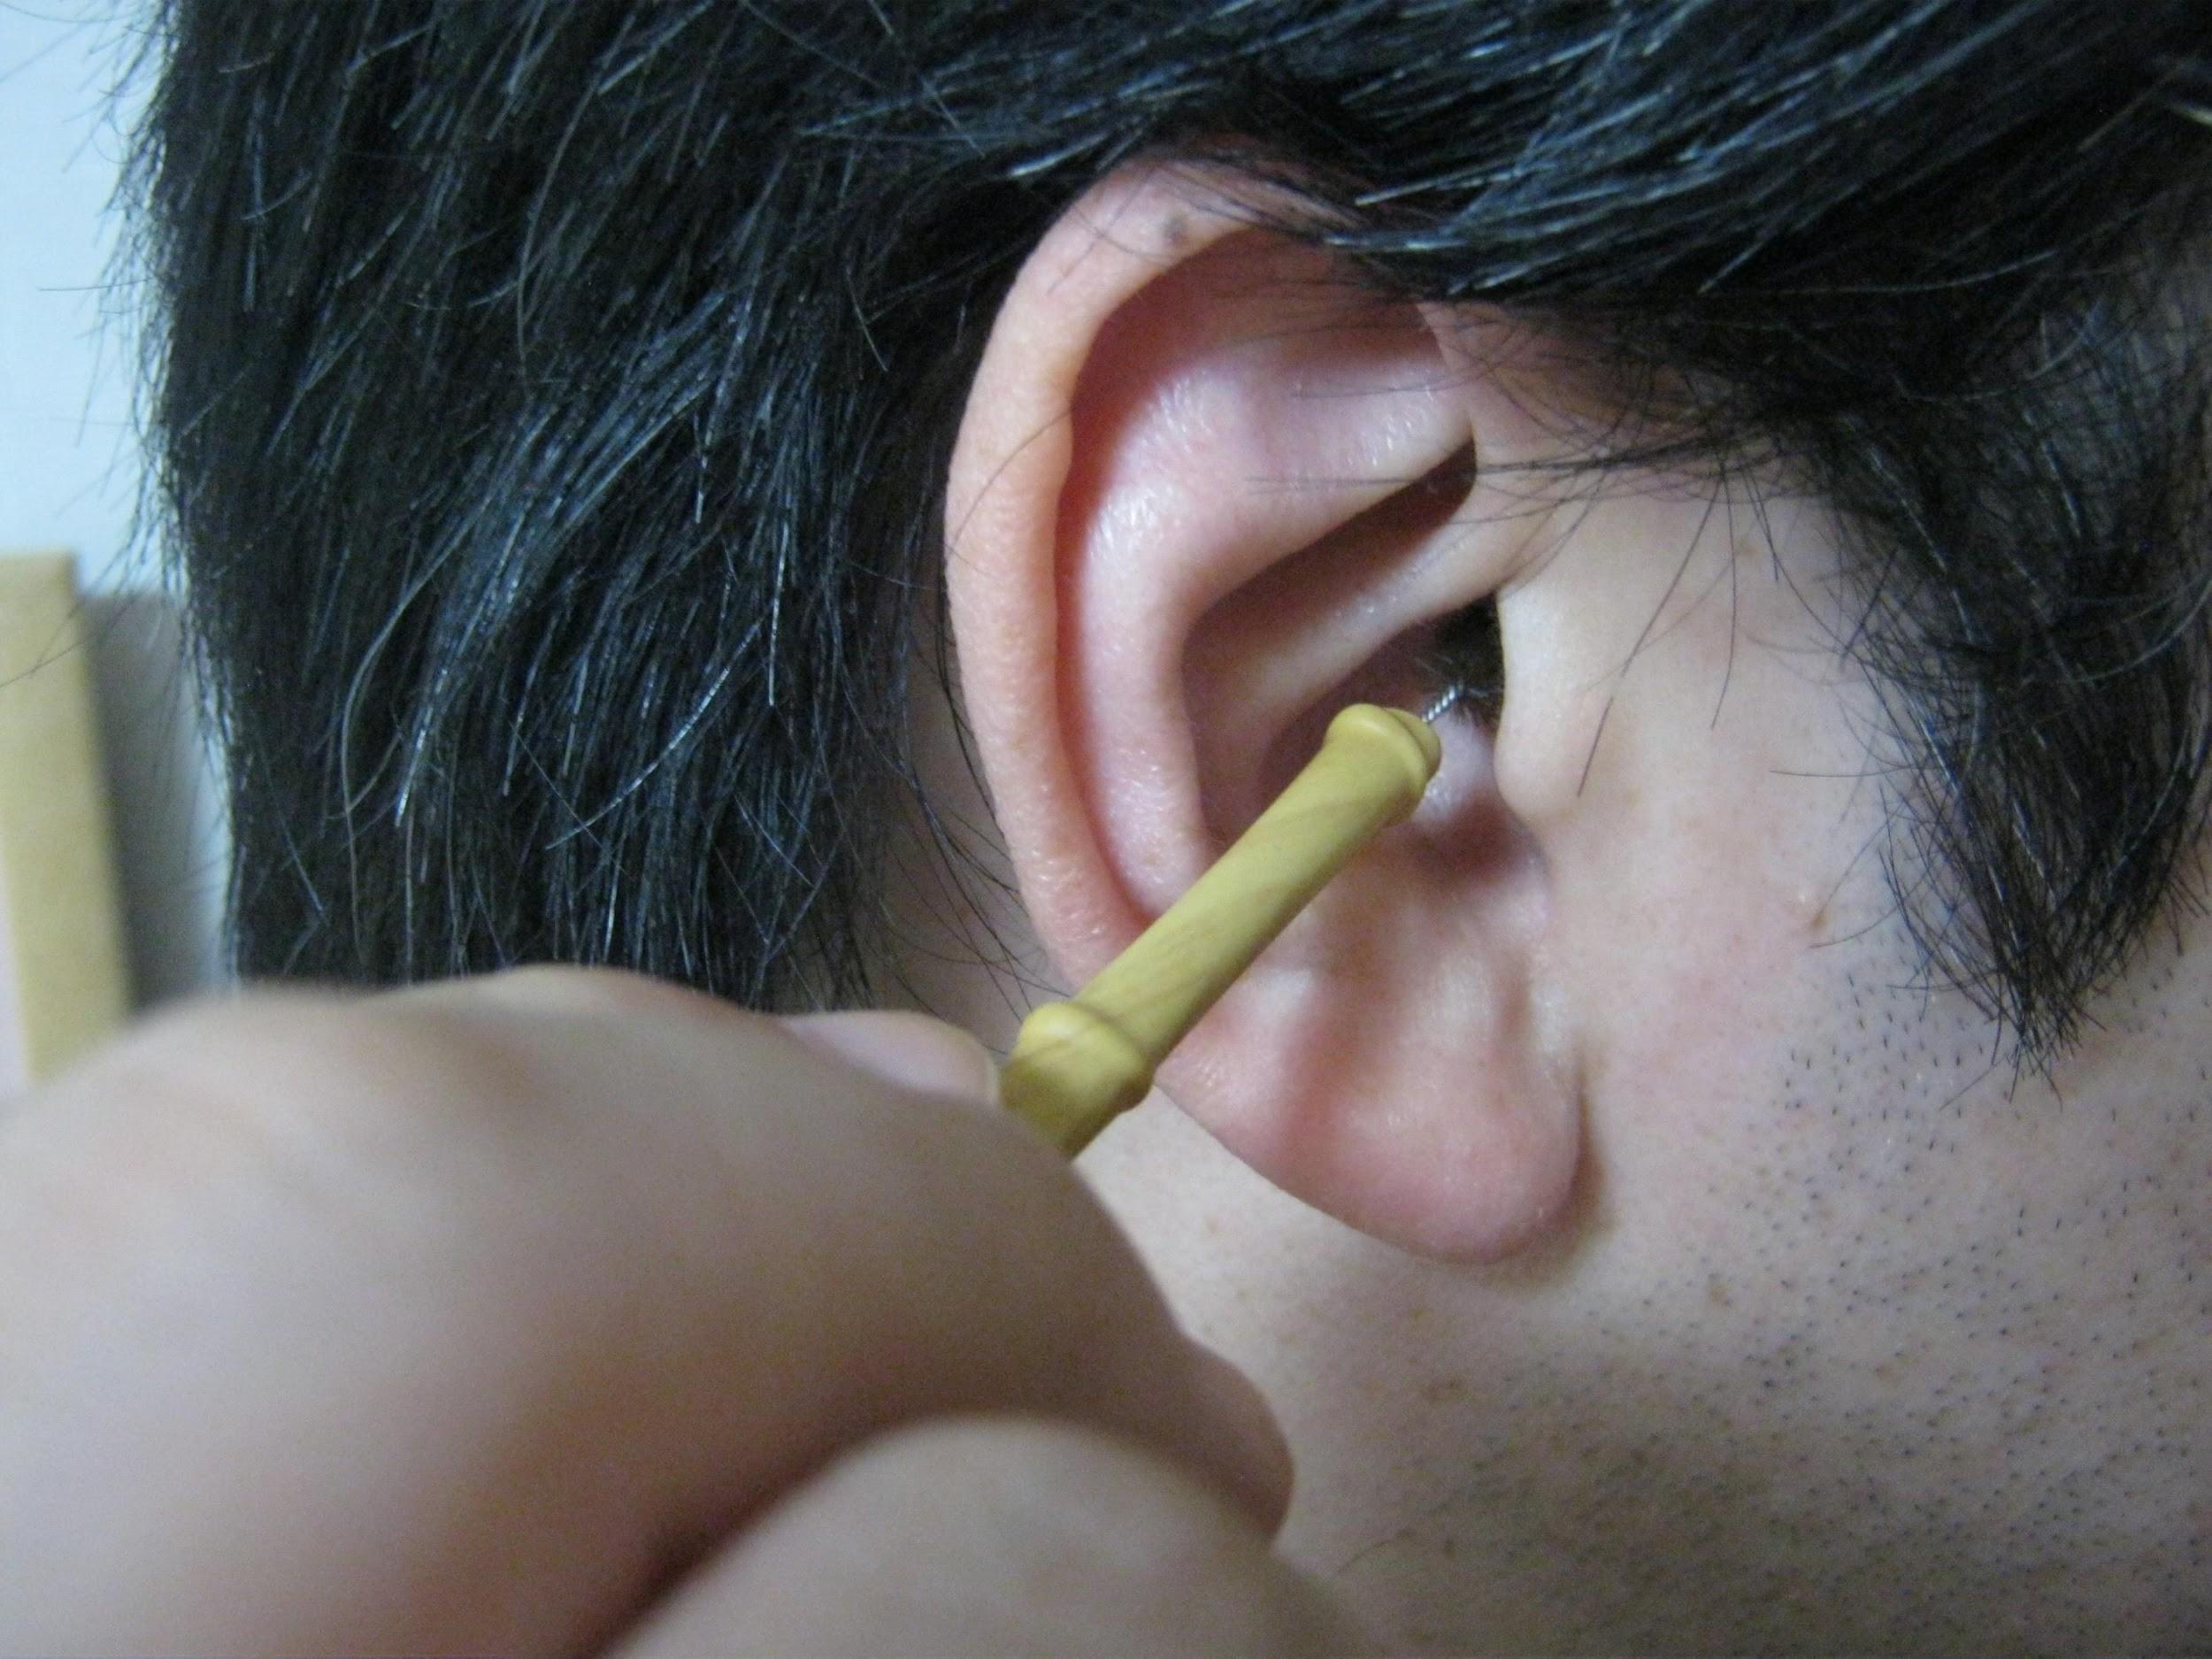 【耳かき用たわしレビュー】3カ月間の使用で心身に出た変化は?口コミも再検証